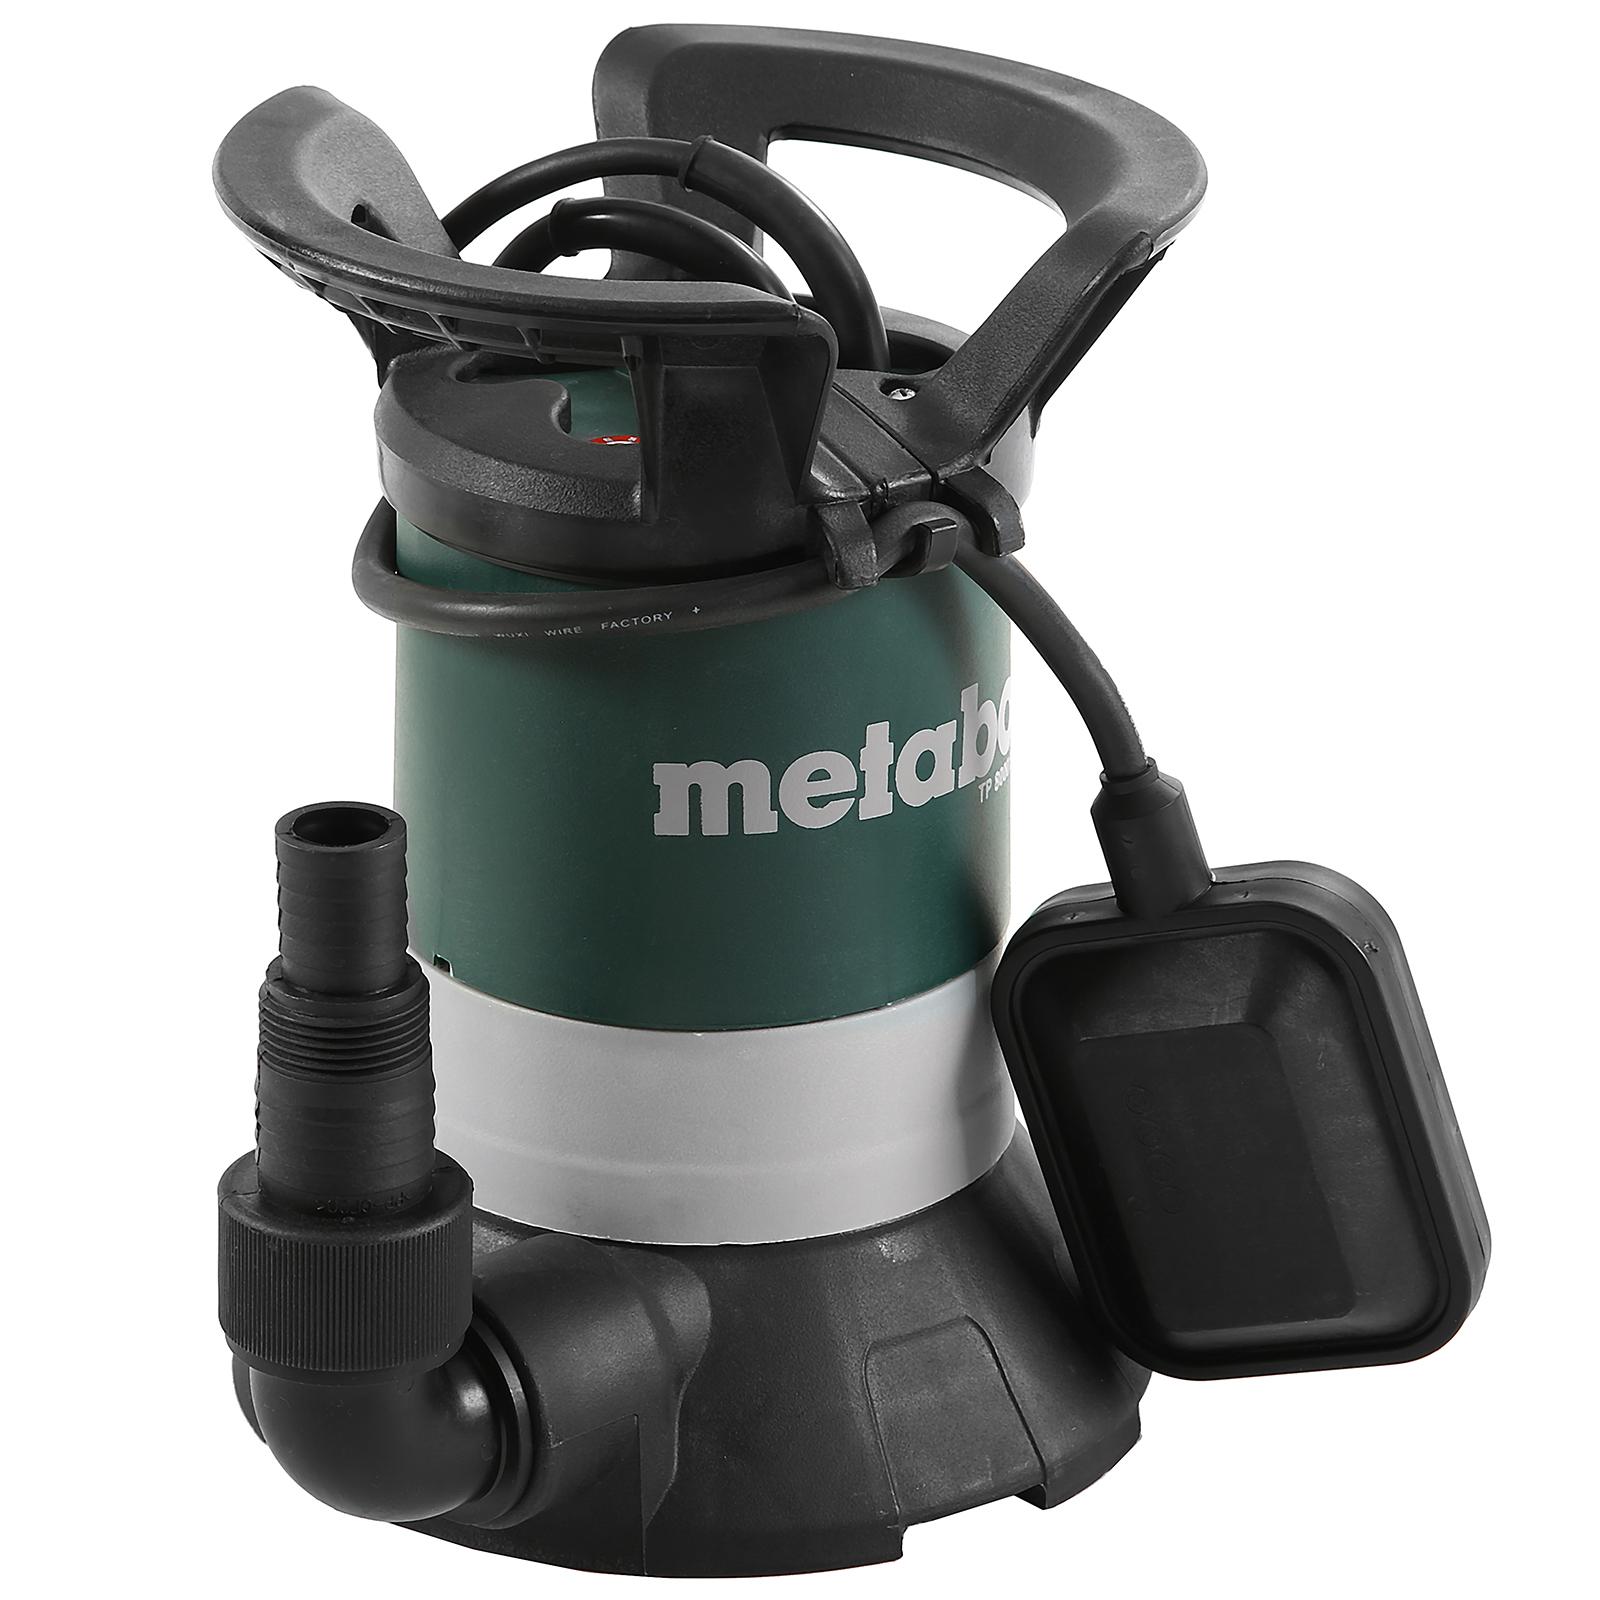 купить Дренажный насос Metabo Tp 8000 s (250800000) дешево